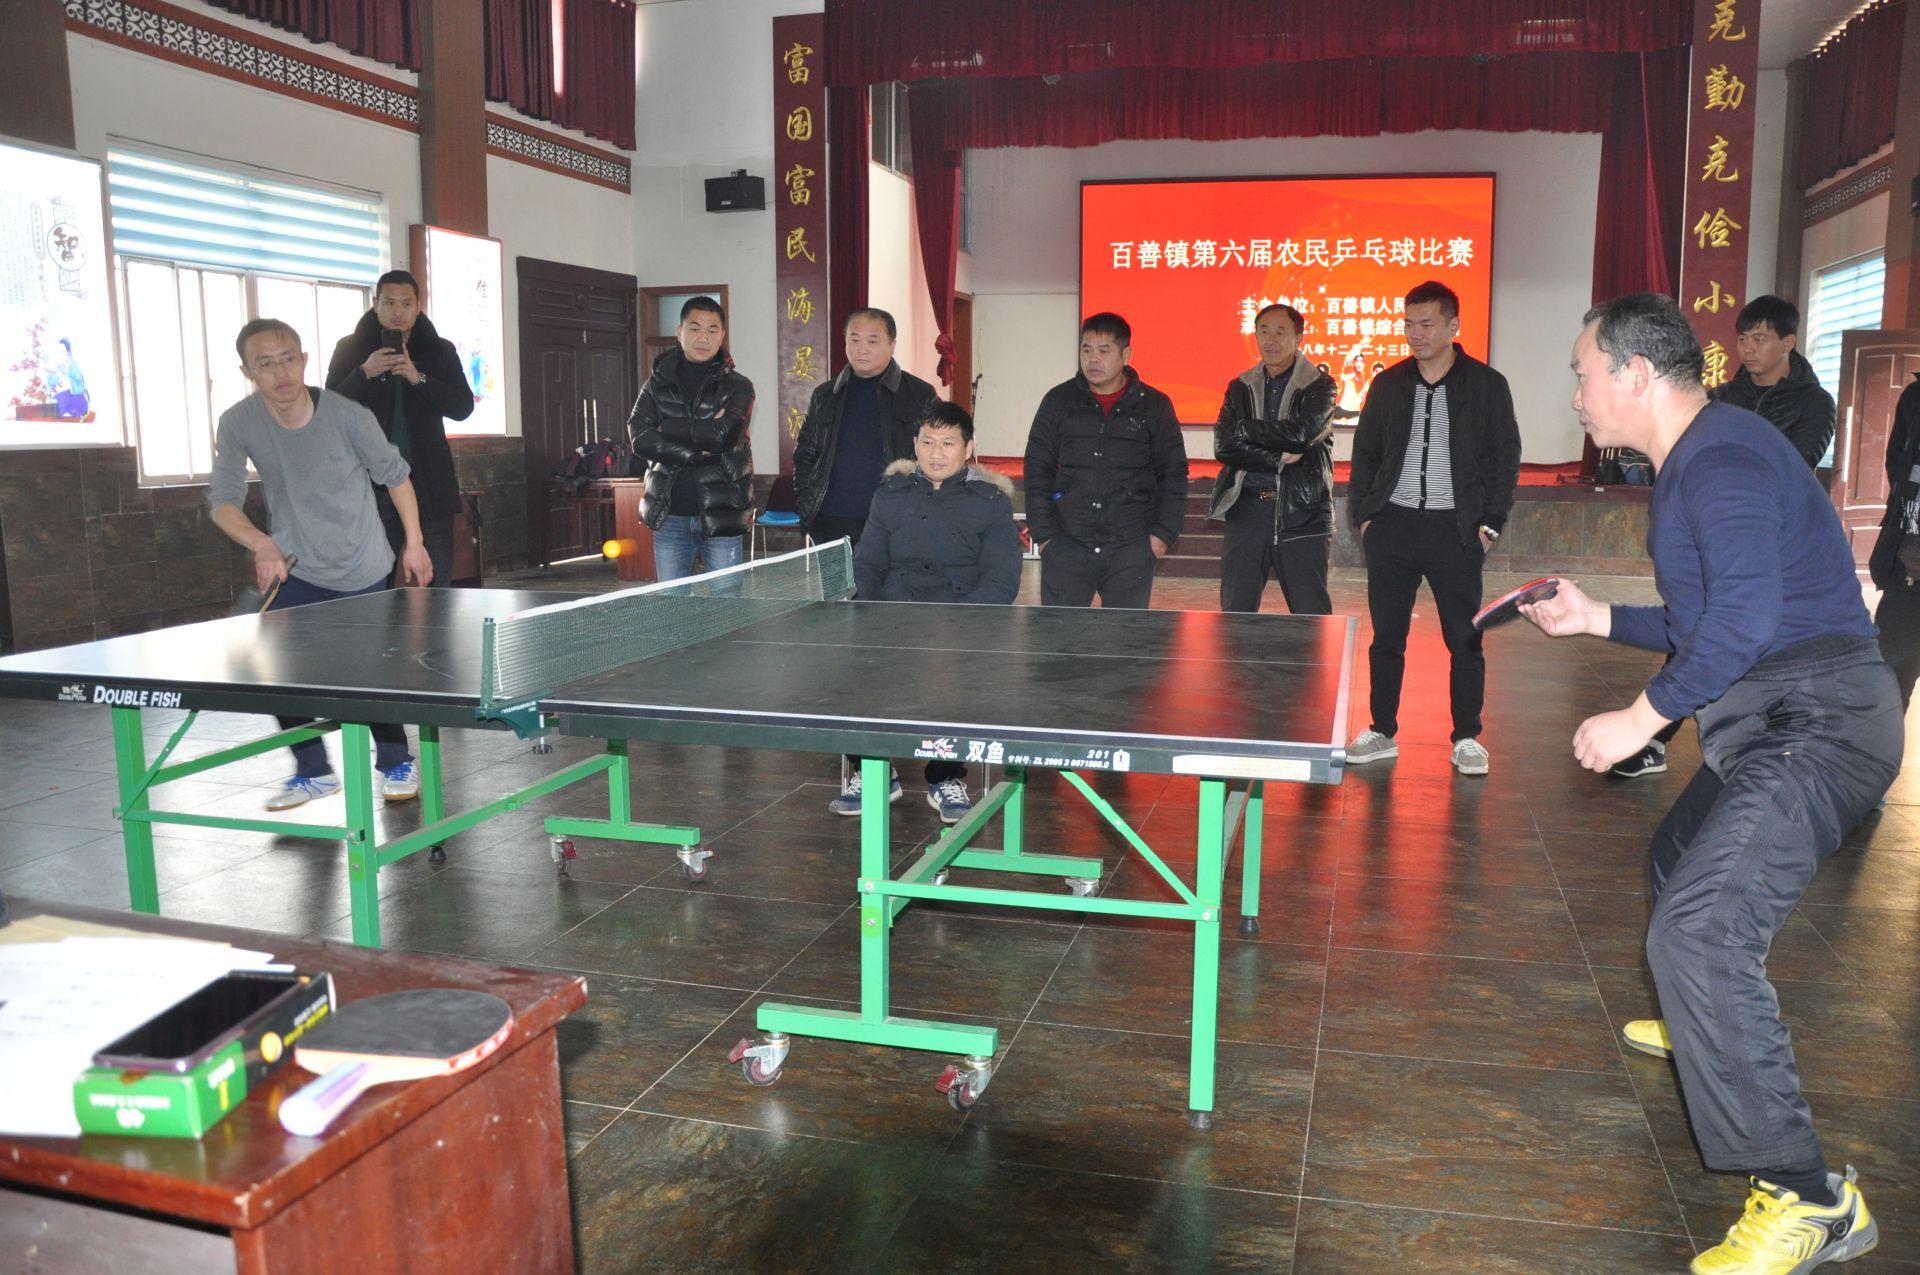 百善镇举办第六届农民乒乓球赛